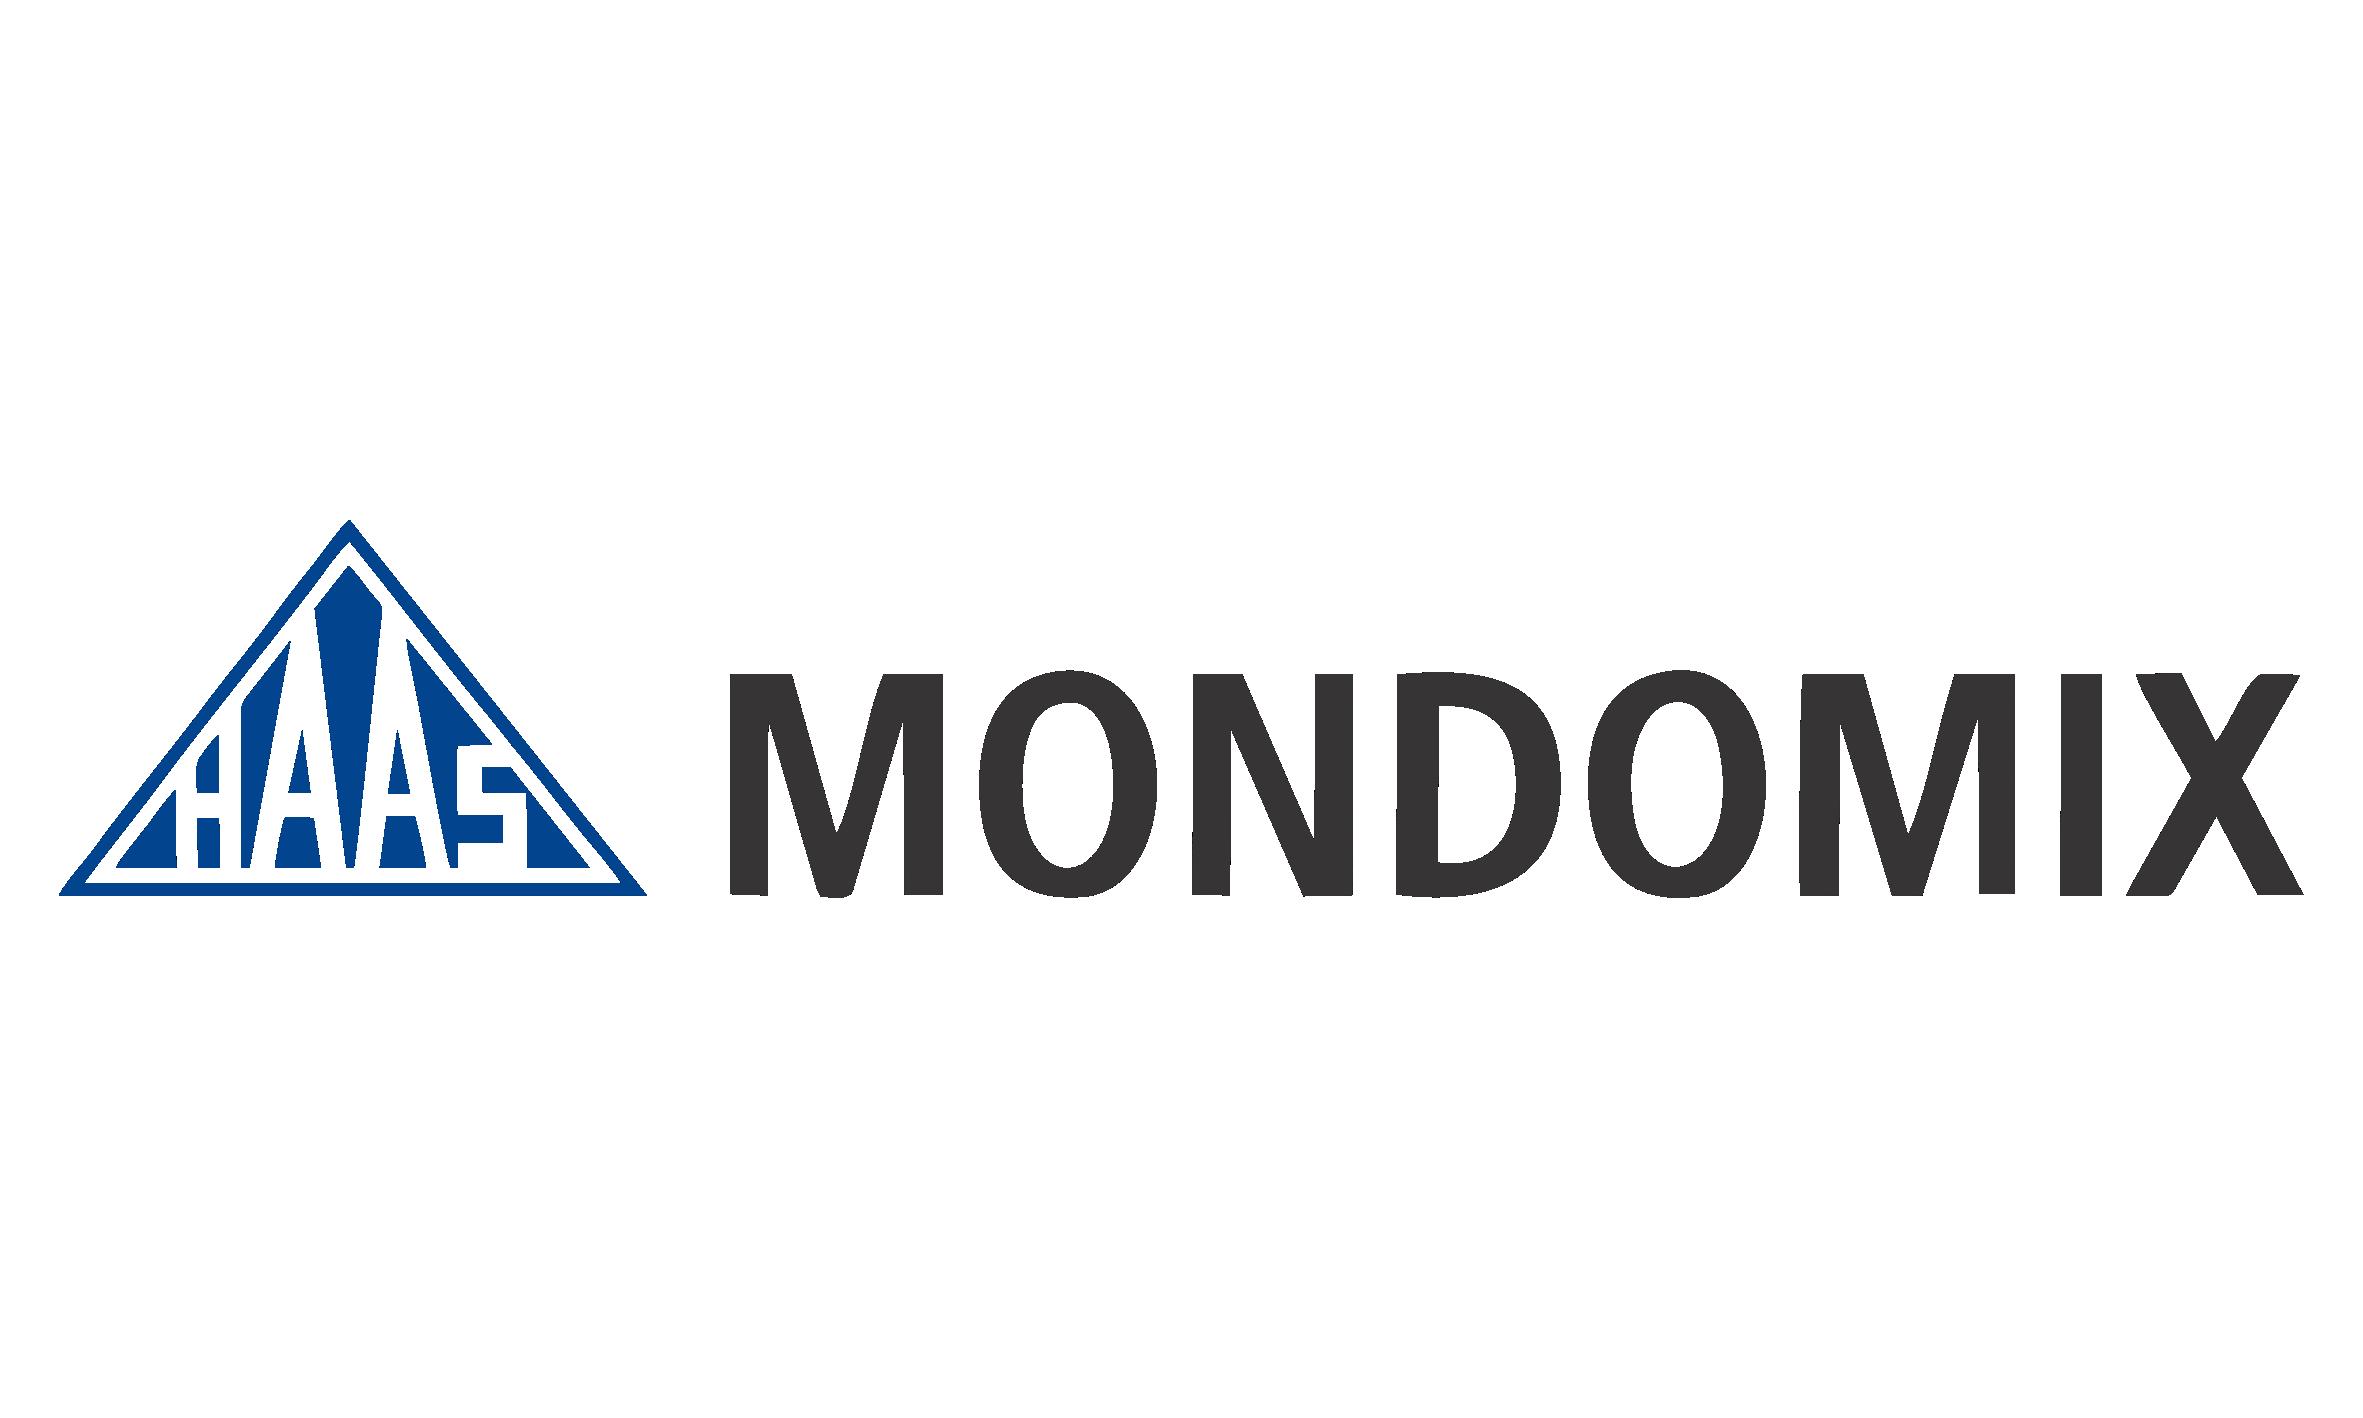 18 HAAS MONDOMIX